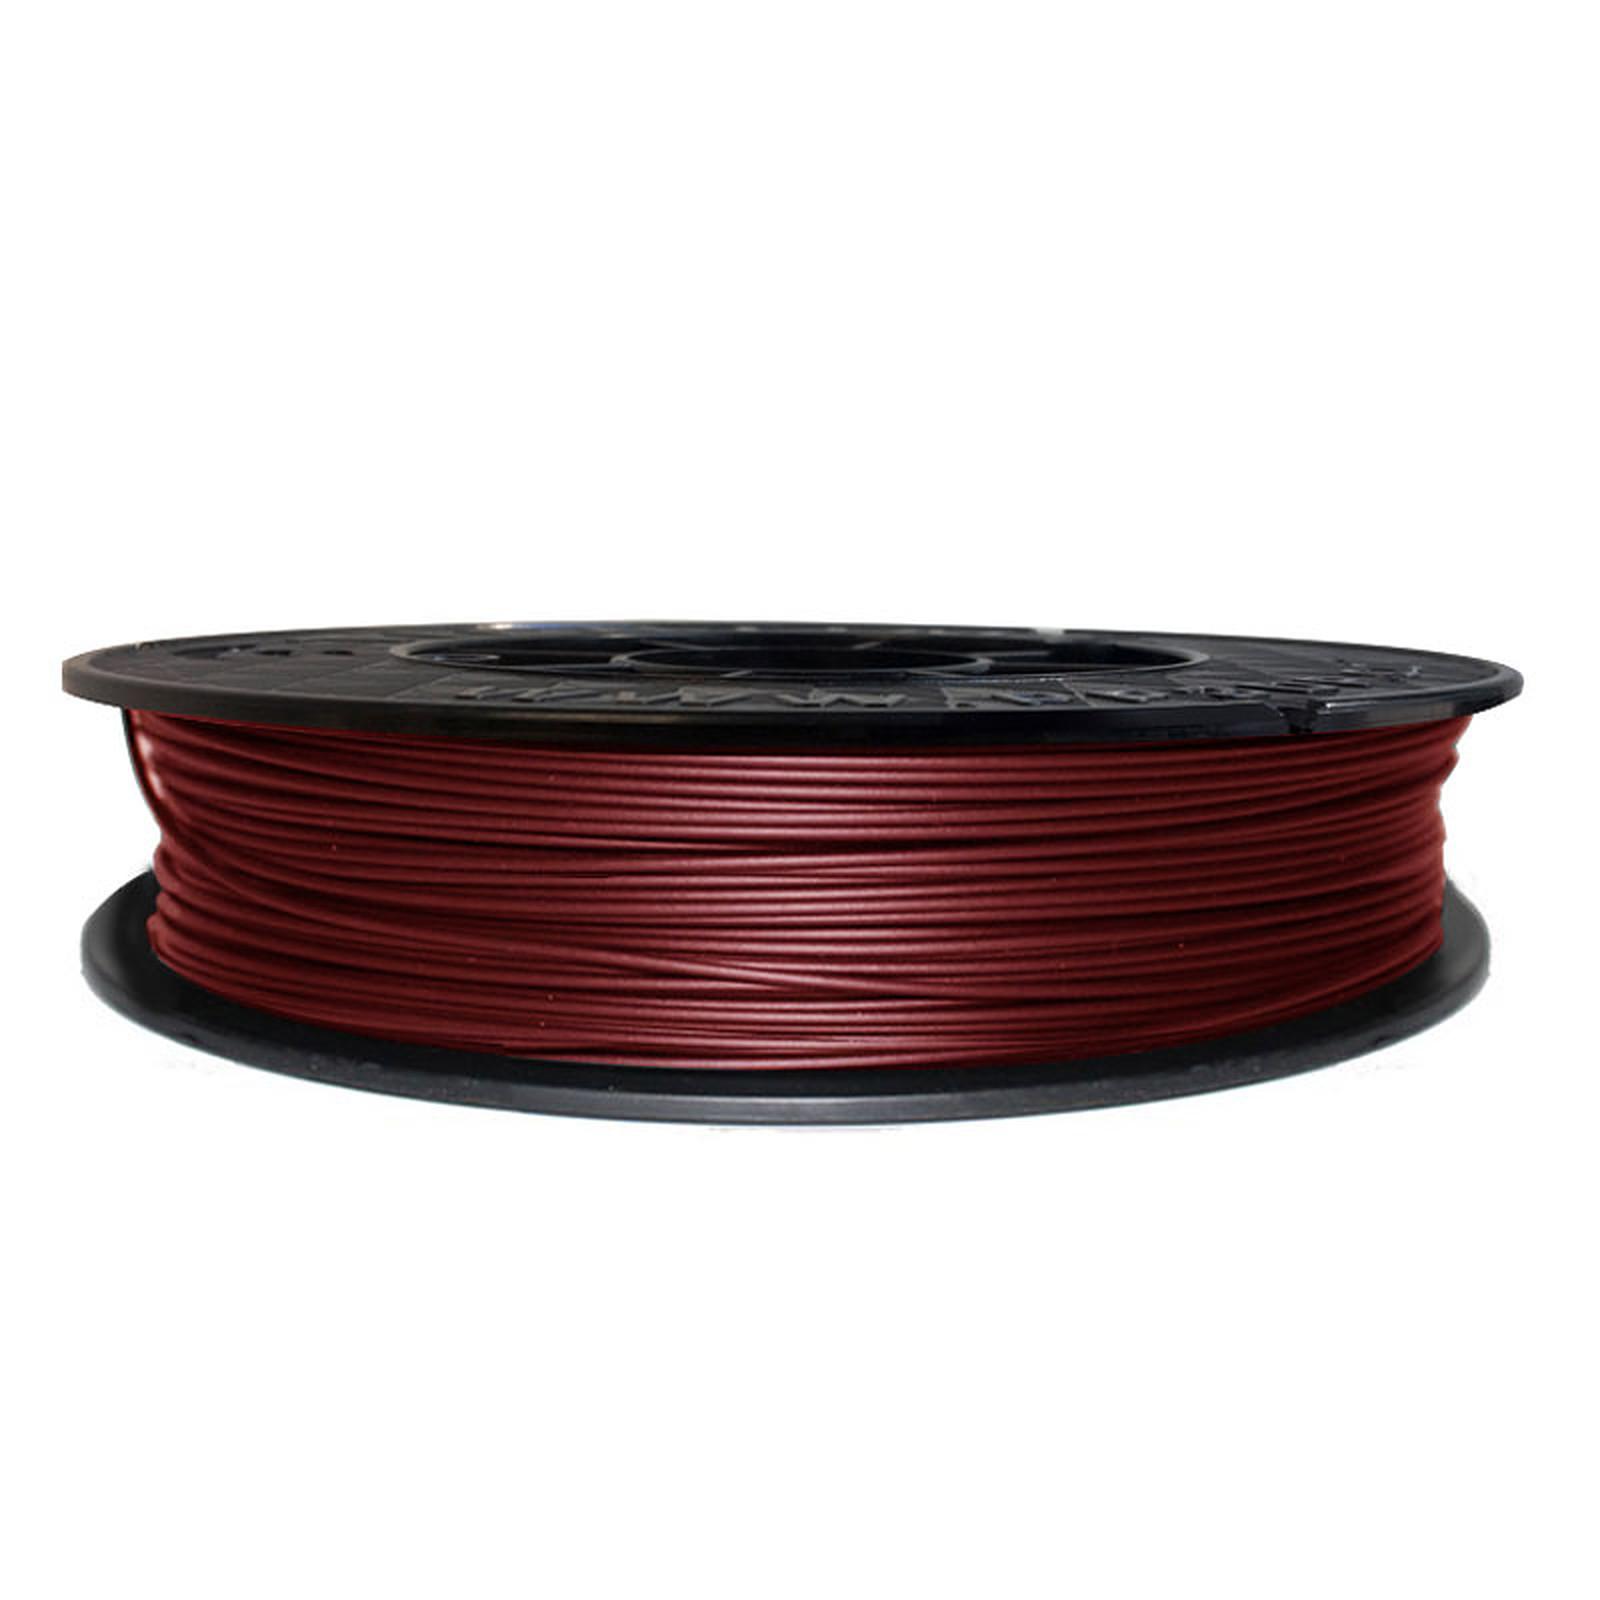 Filament PLA 500g pour imprimante 3D - Rouge